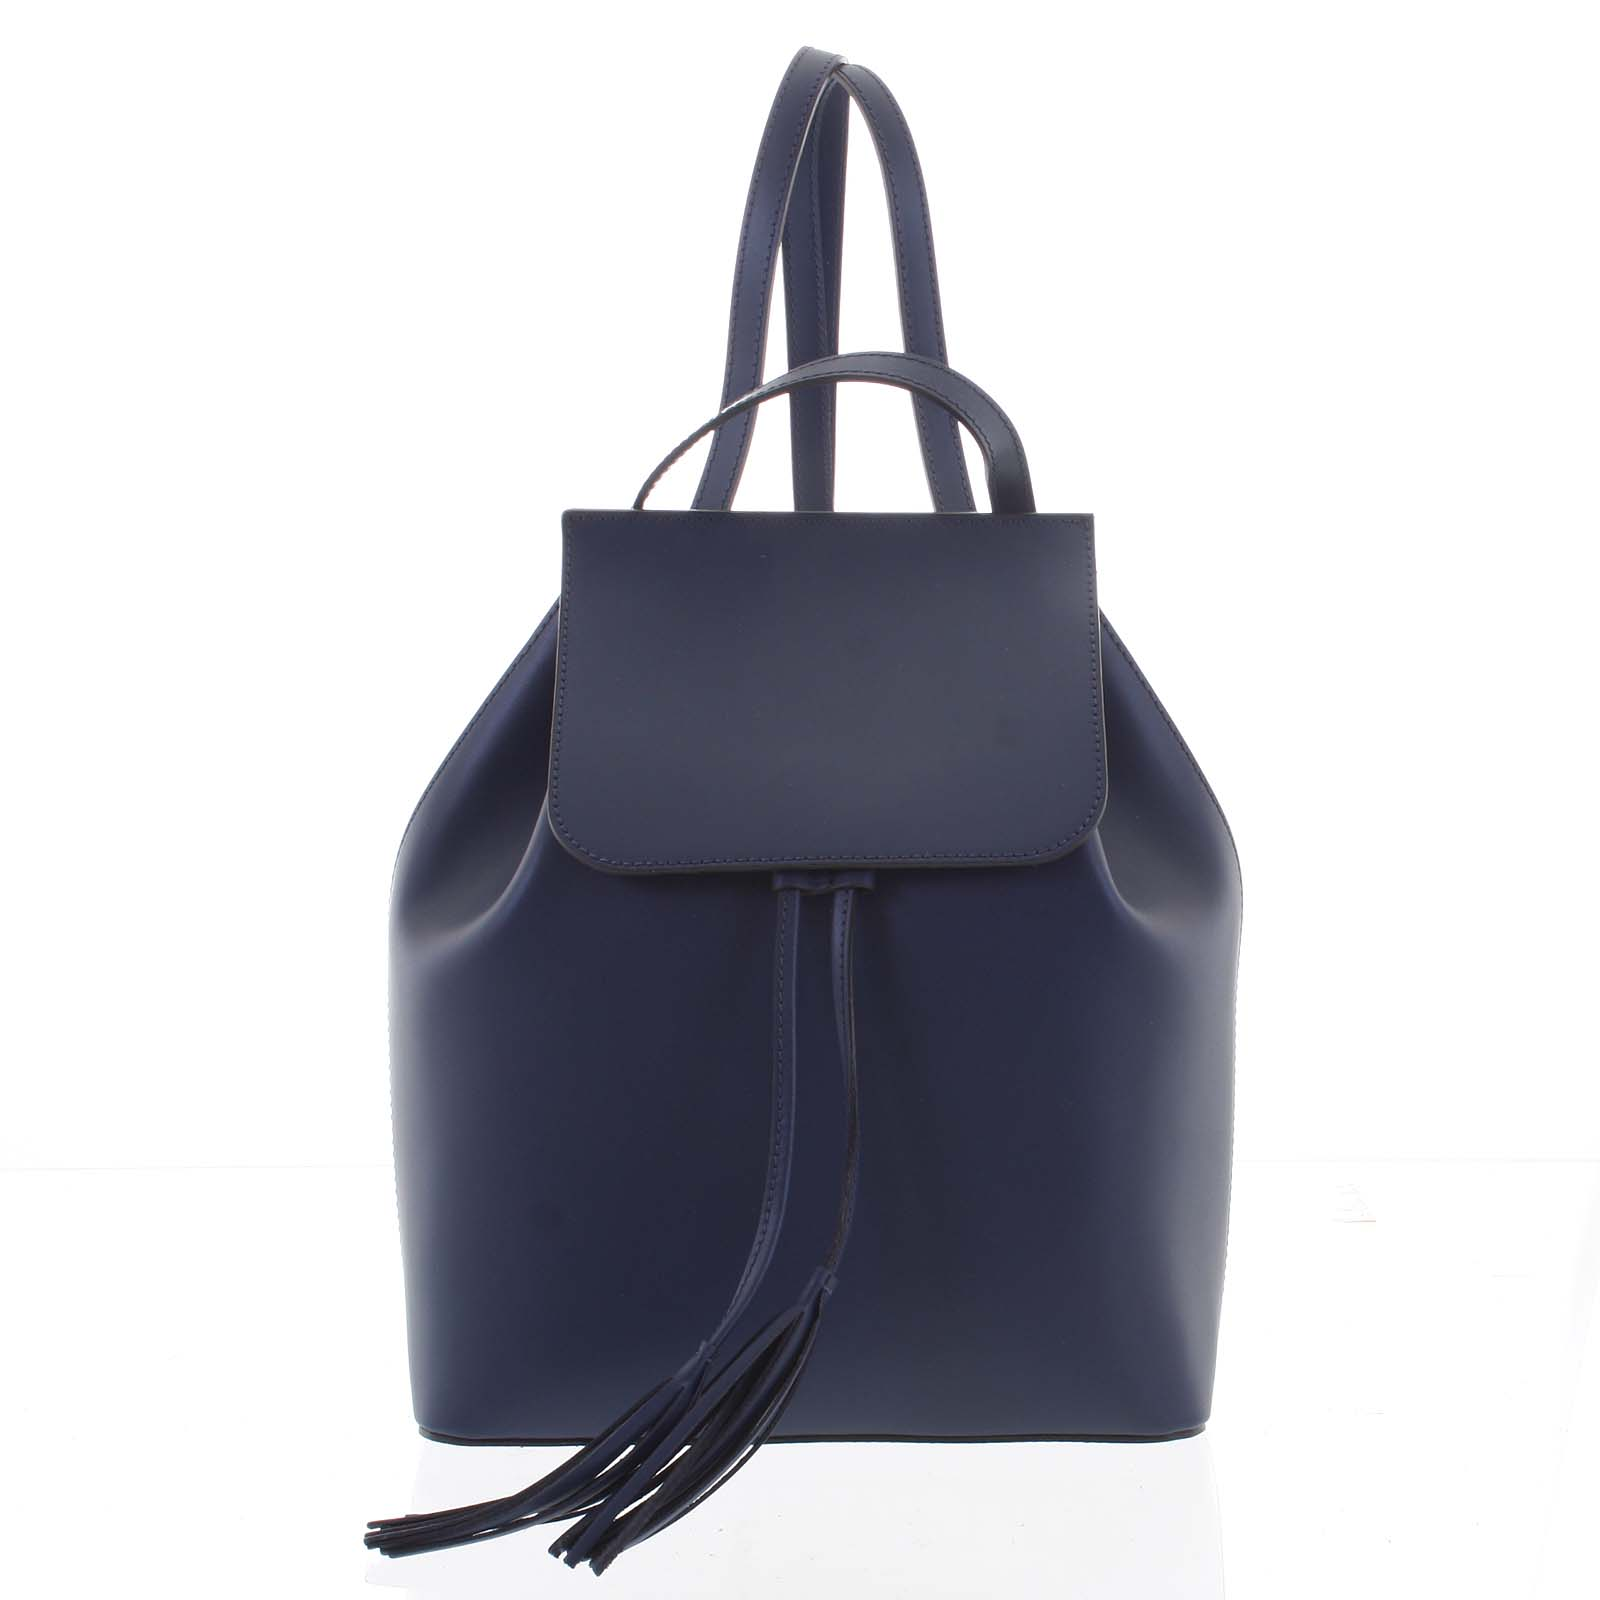 Luxusní dámský batoh tmavě modrý kožený - ItalY Adelpha